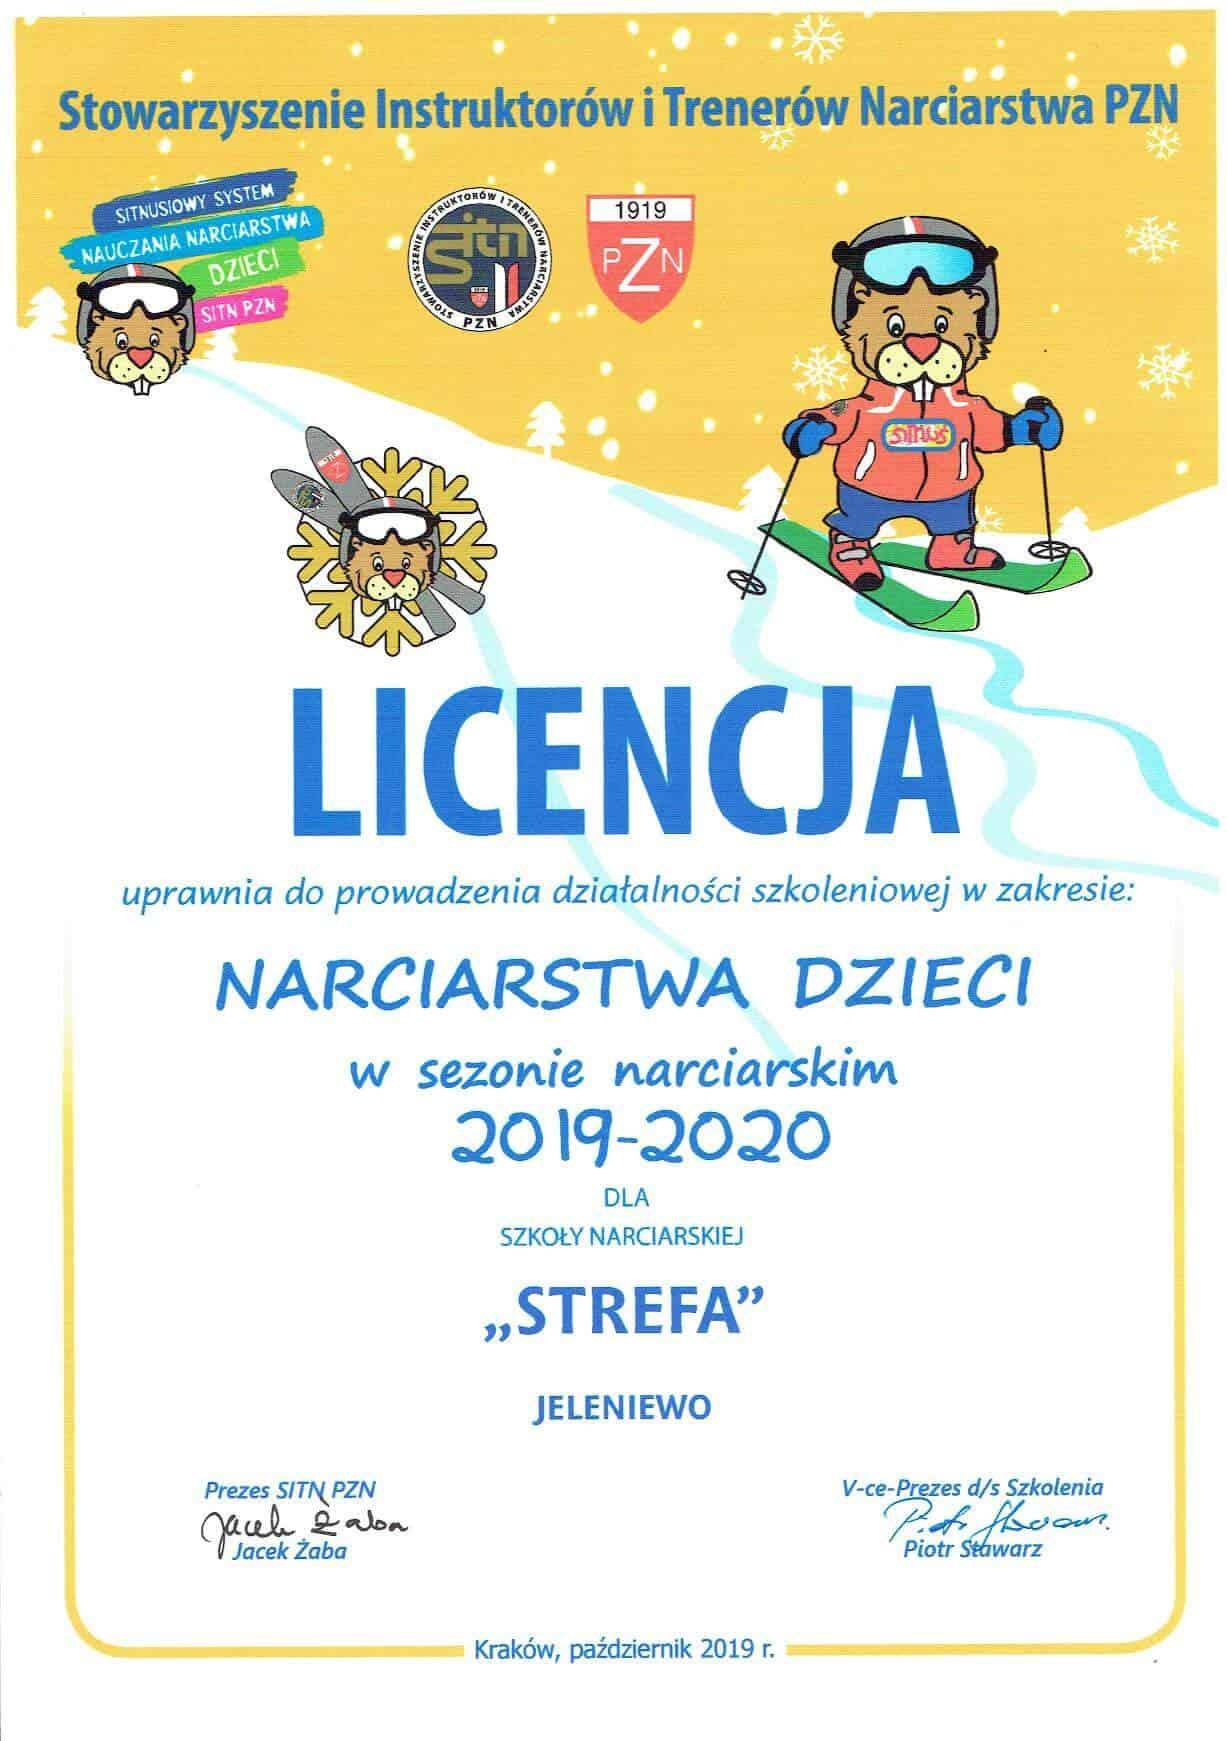 Licencja szkoleniowa dla dzieci